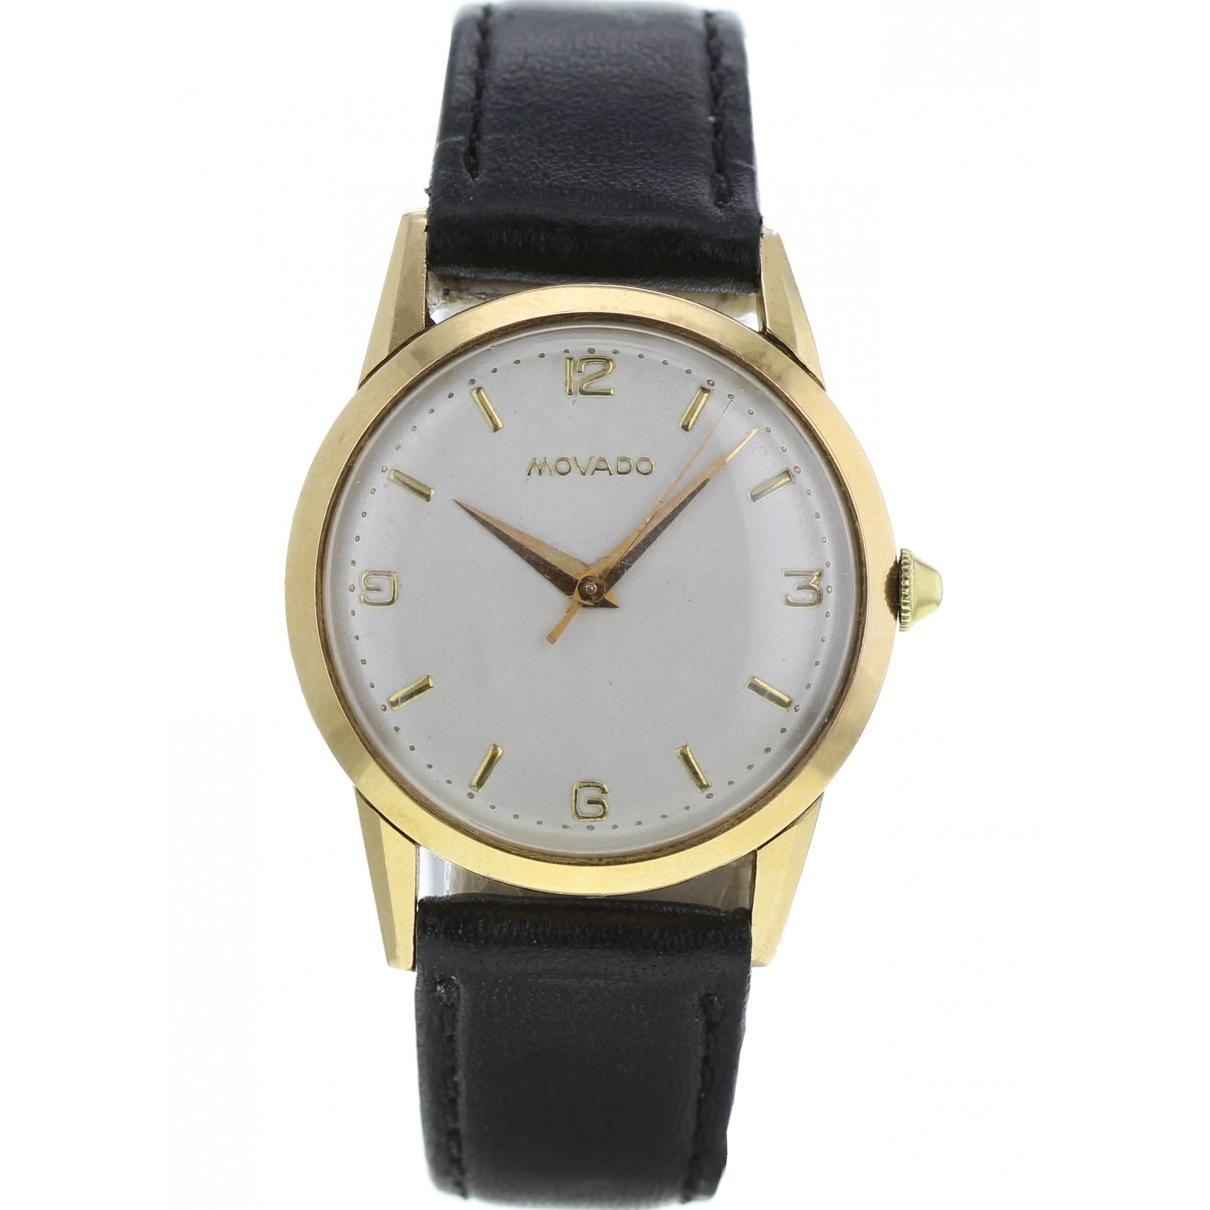 Movado \N Khaki Yellow gold watch for Men \N